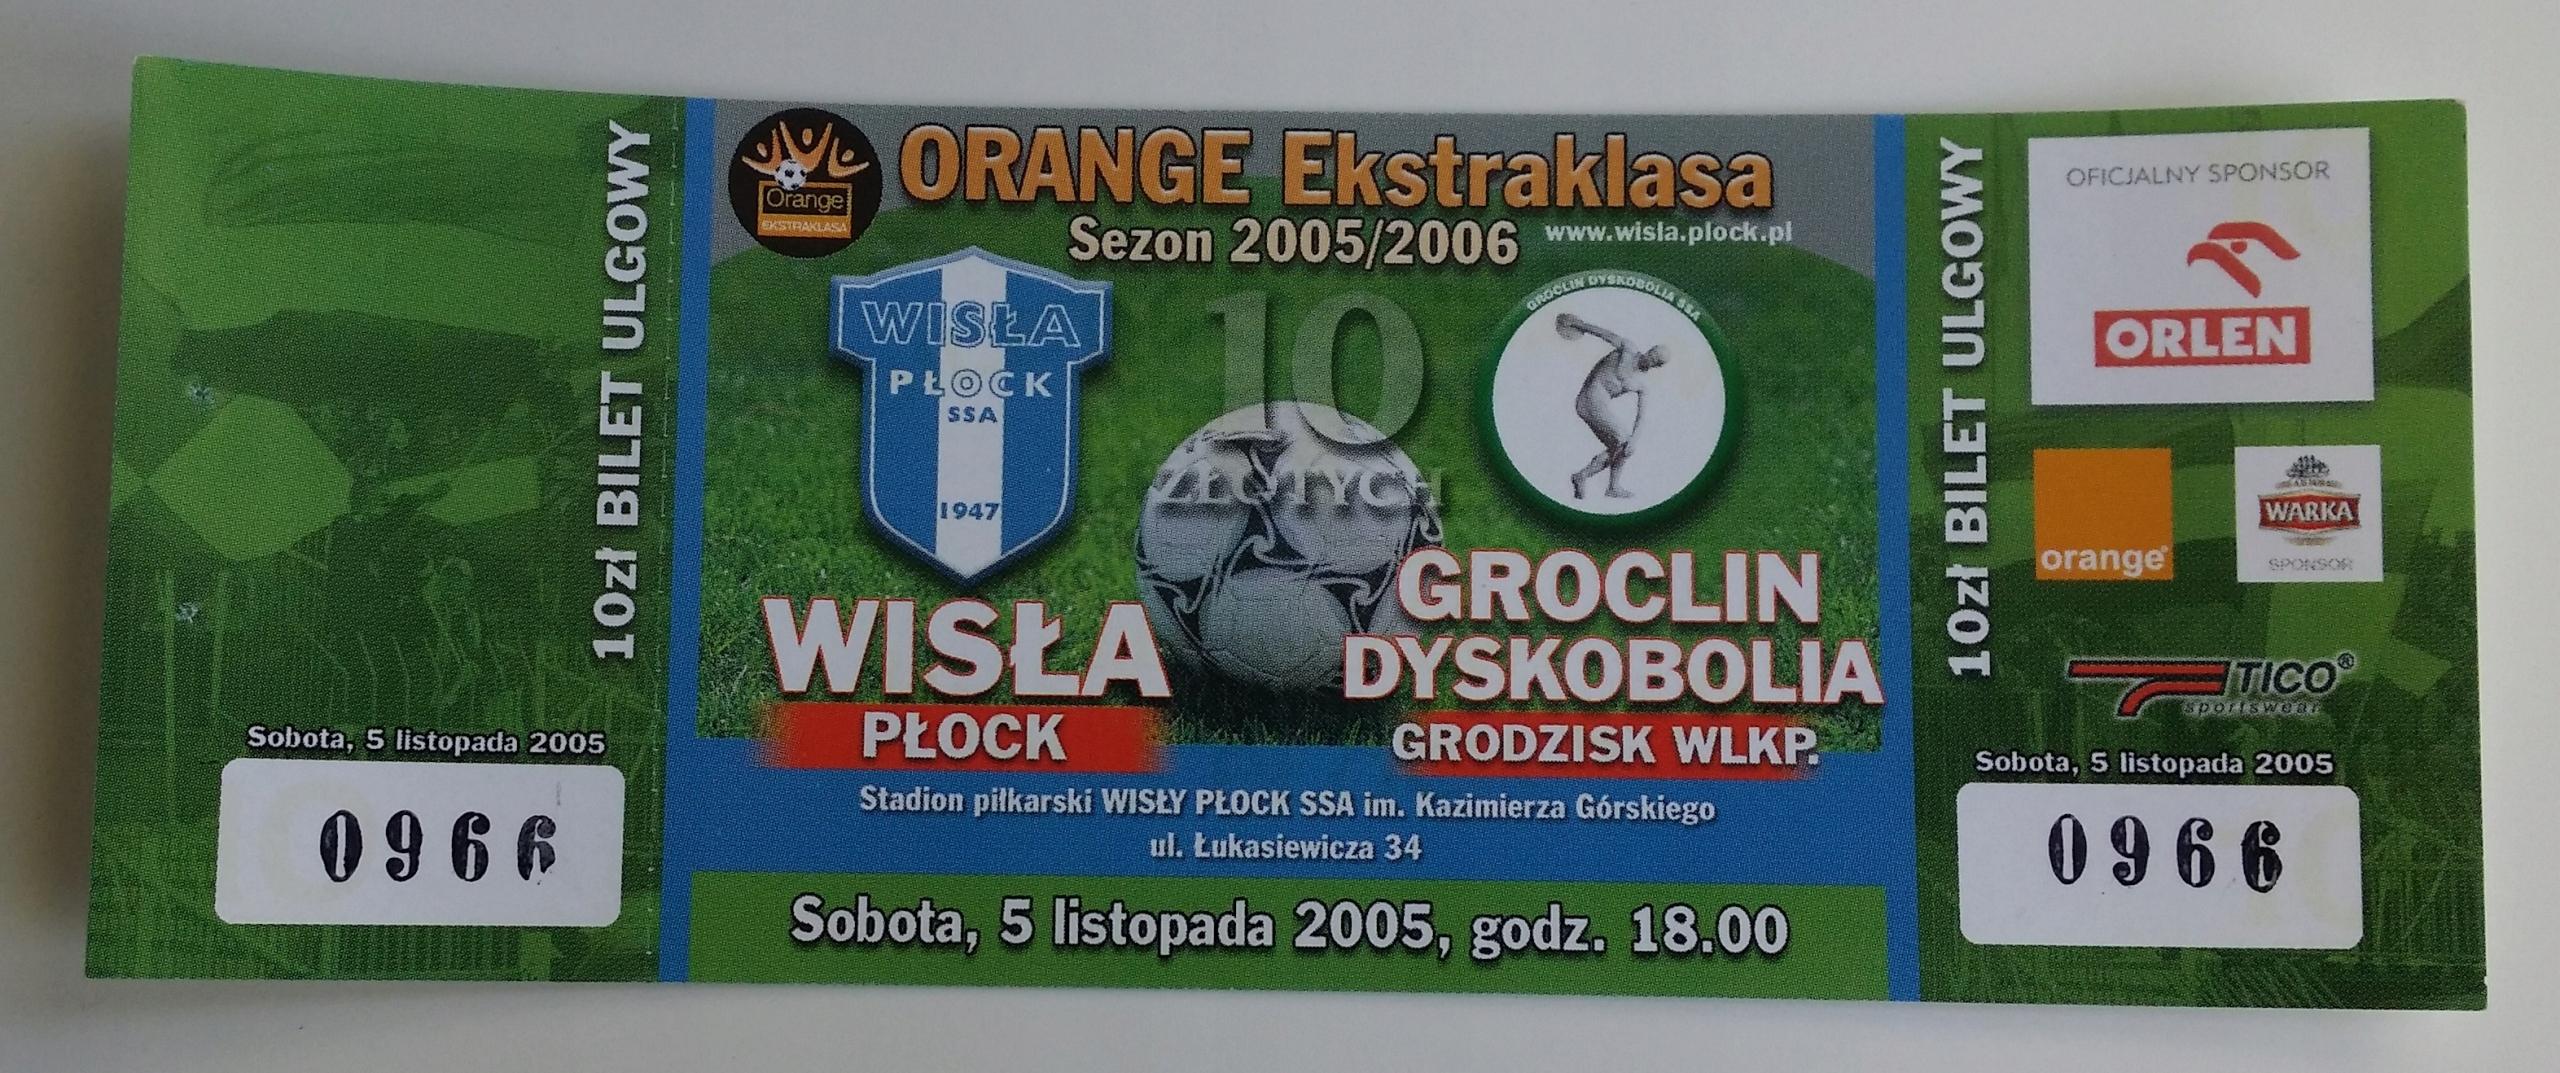 Bilet Wisła Płock - Groclin 05.11.2005